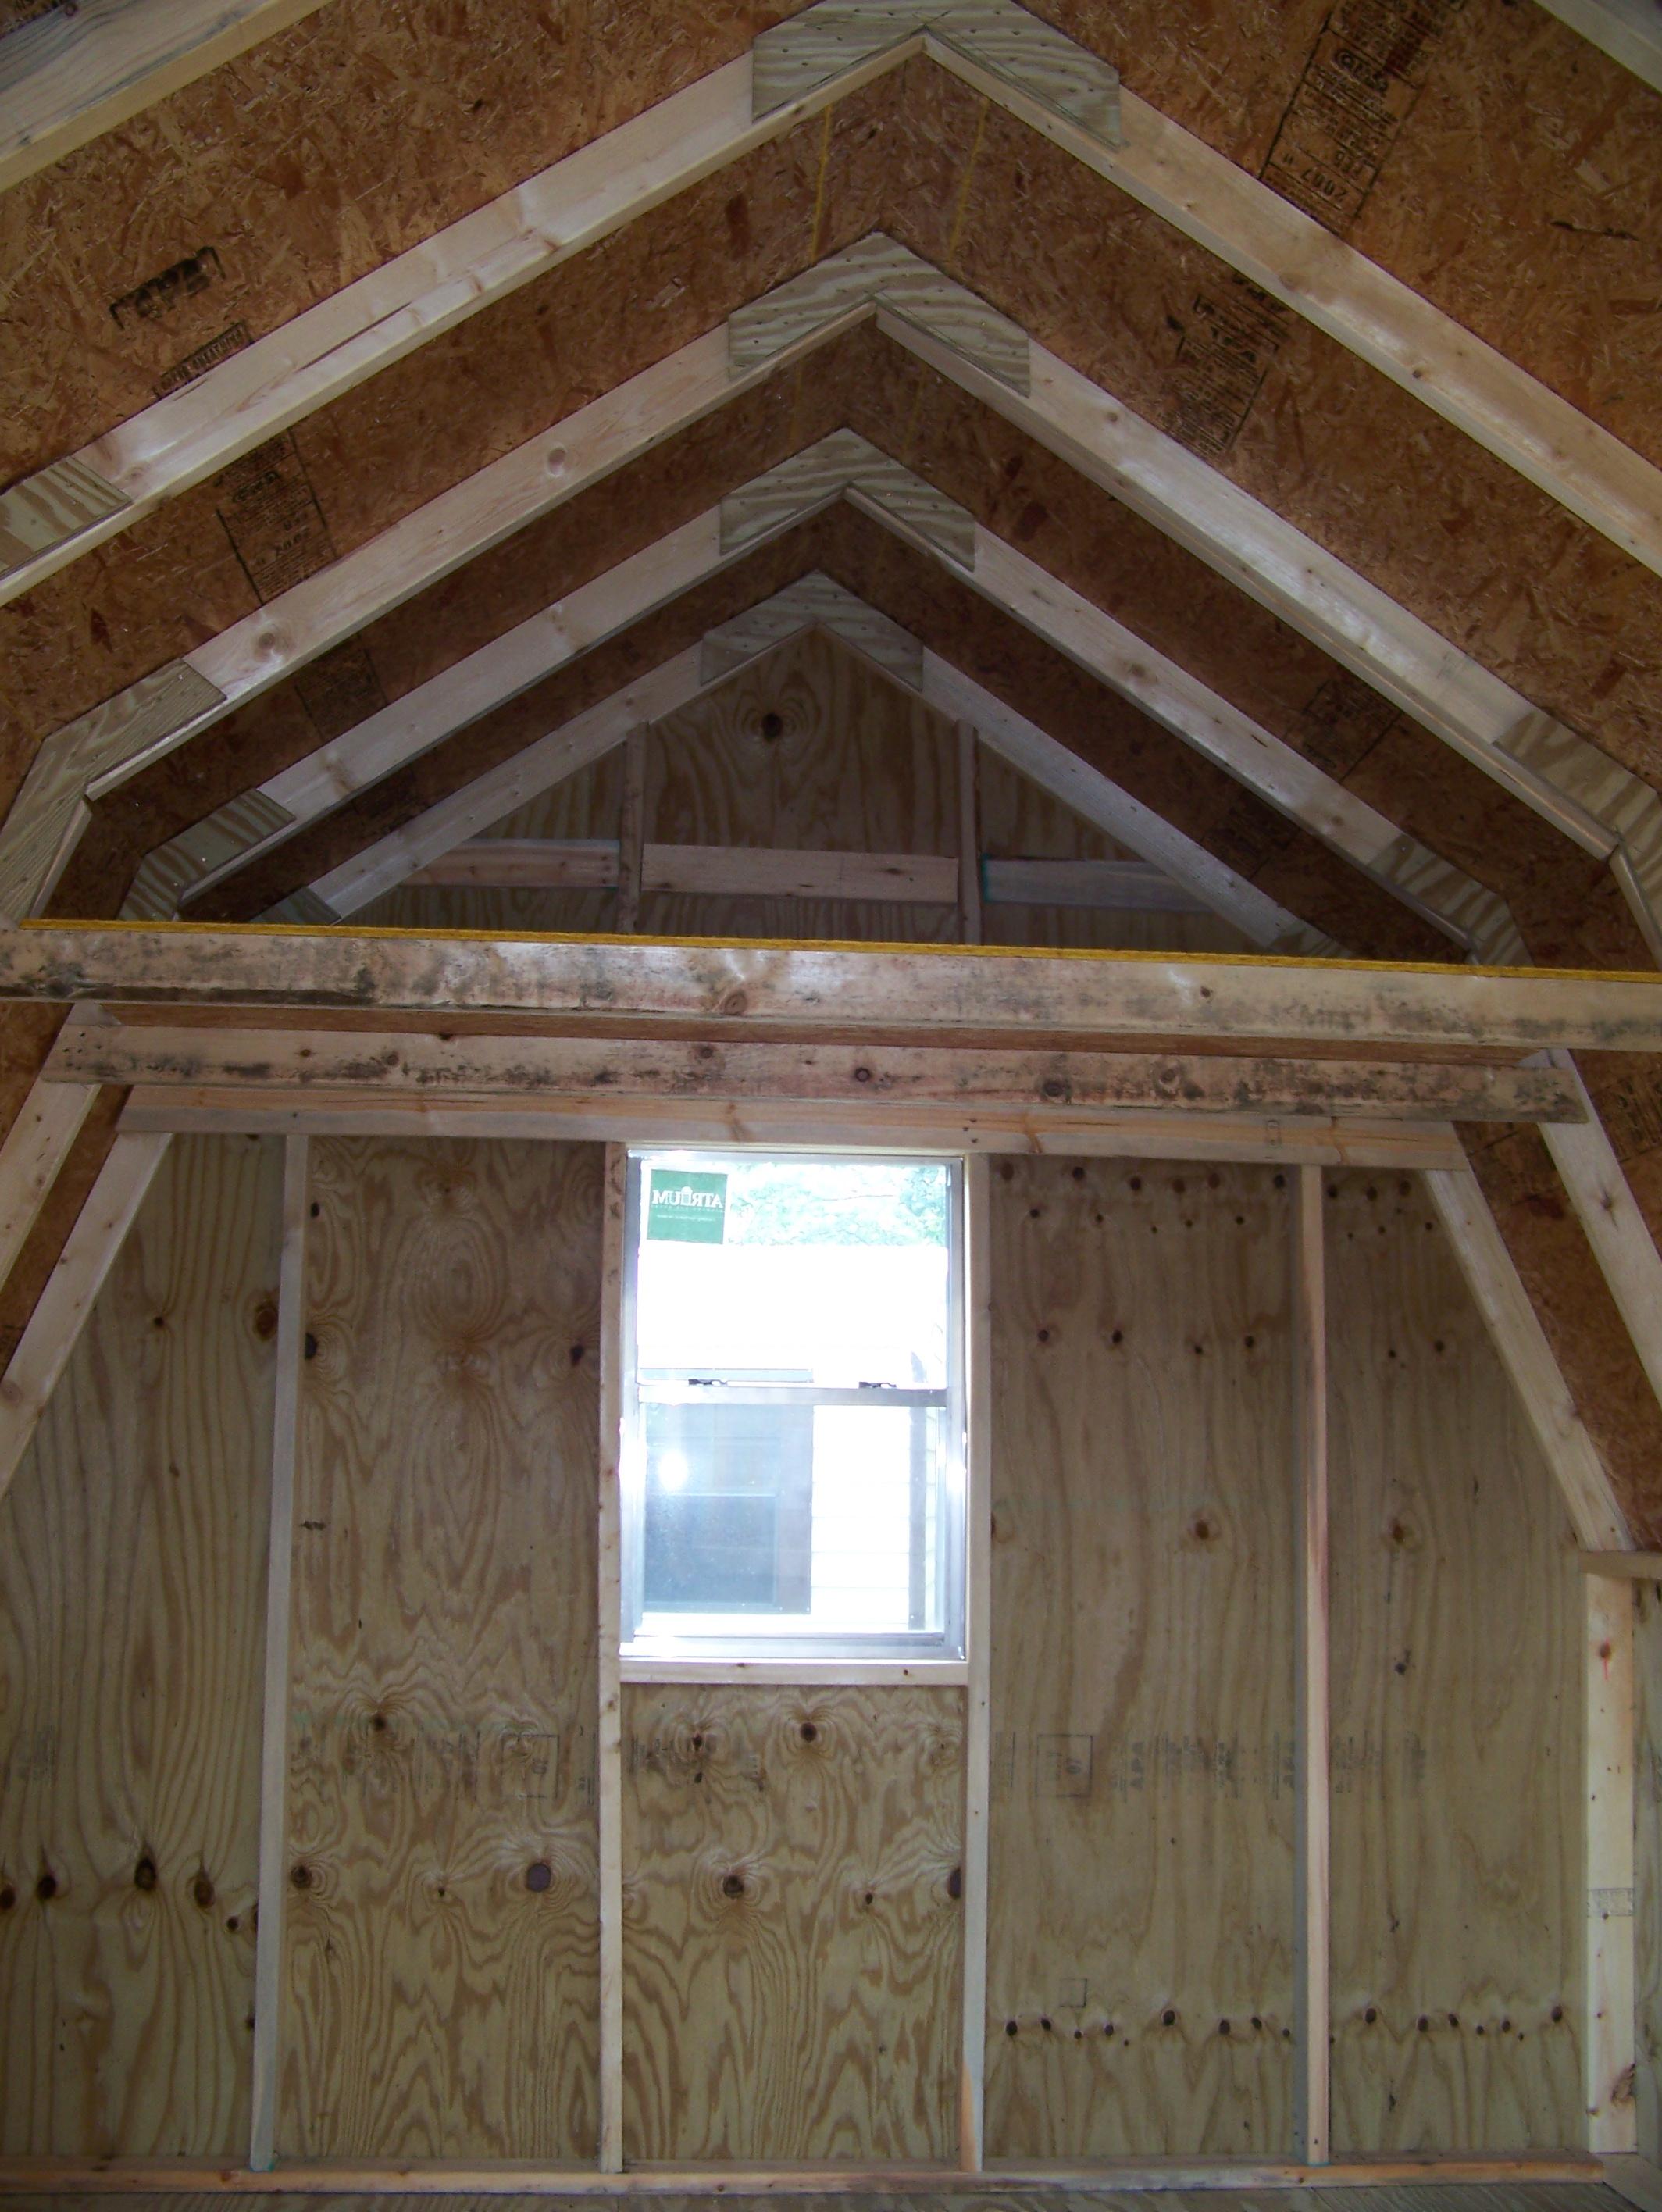 Window in barn